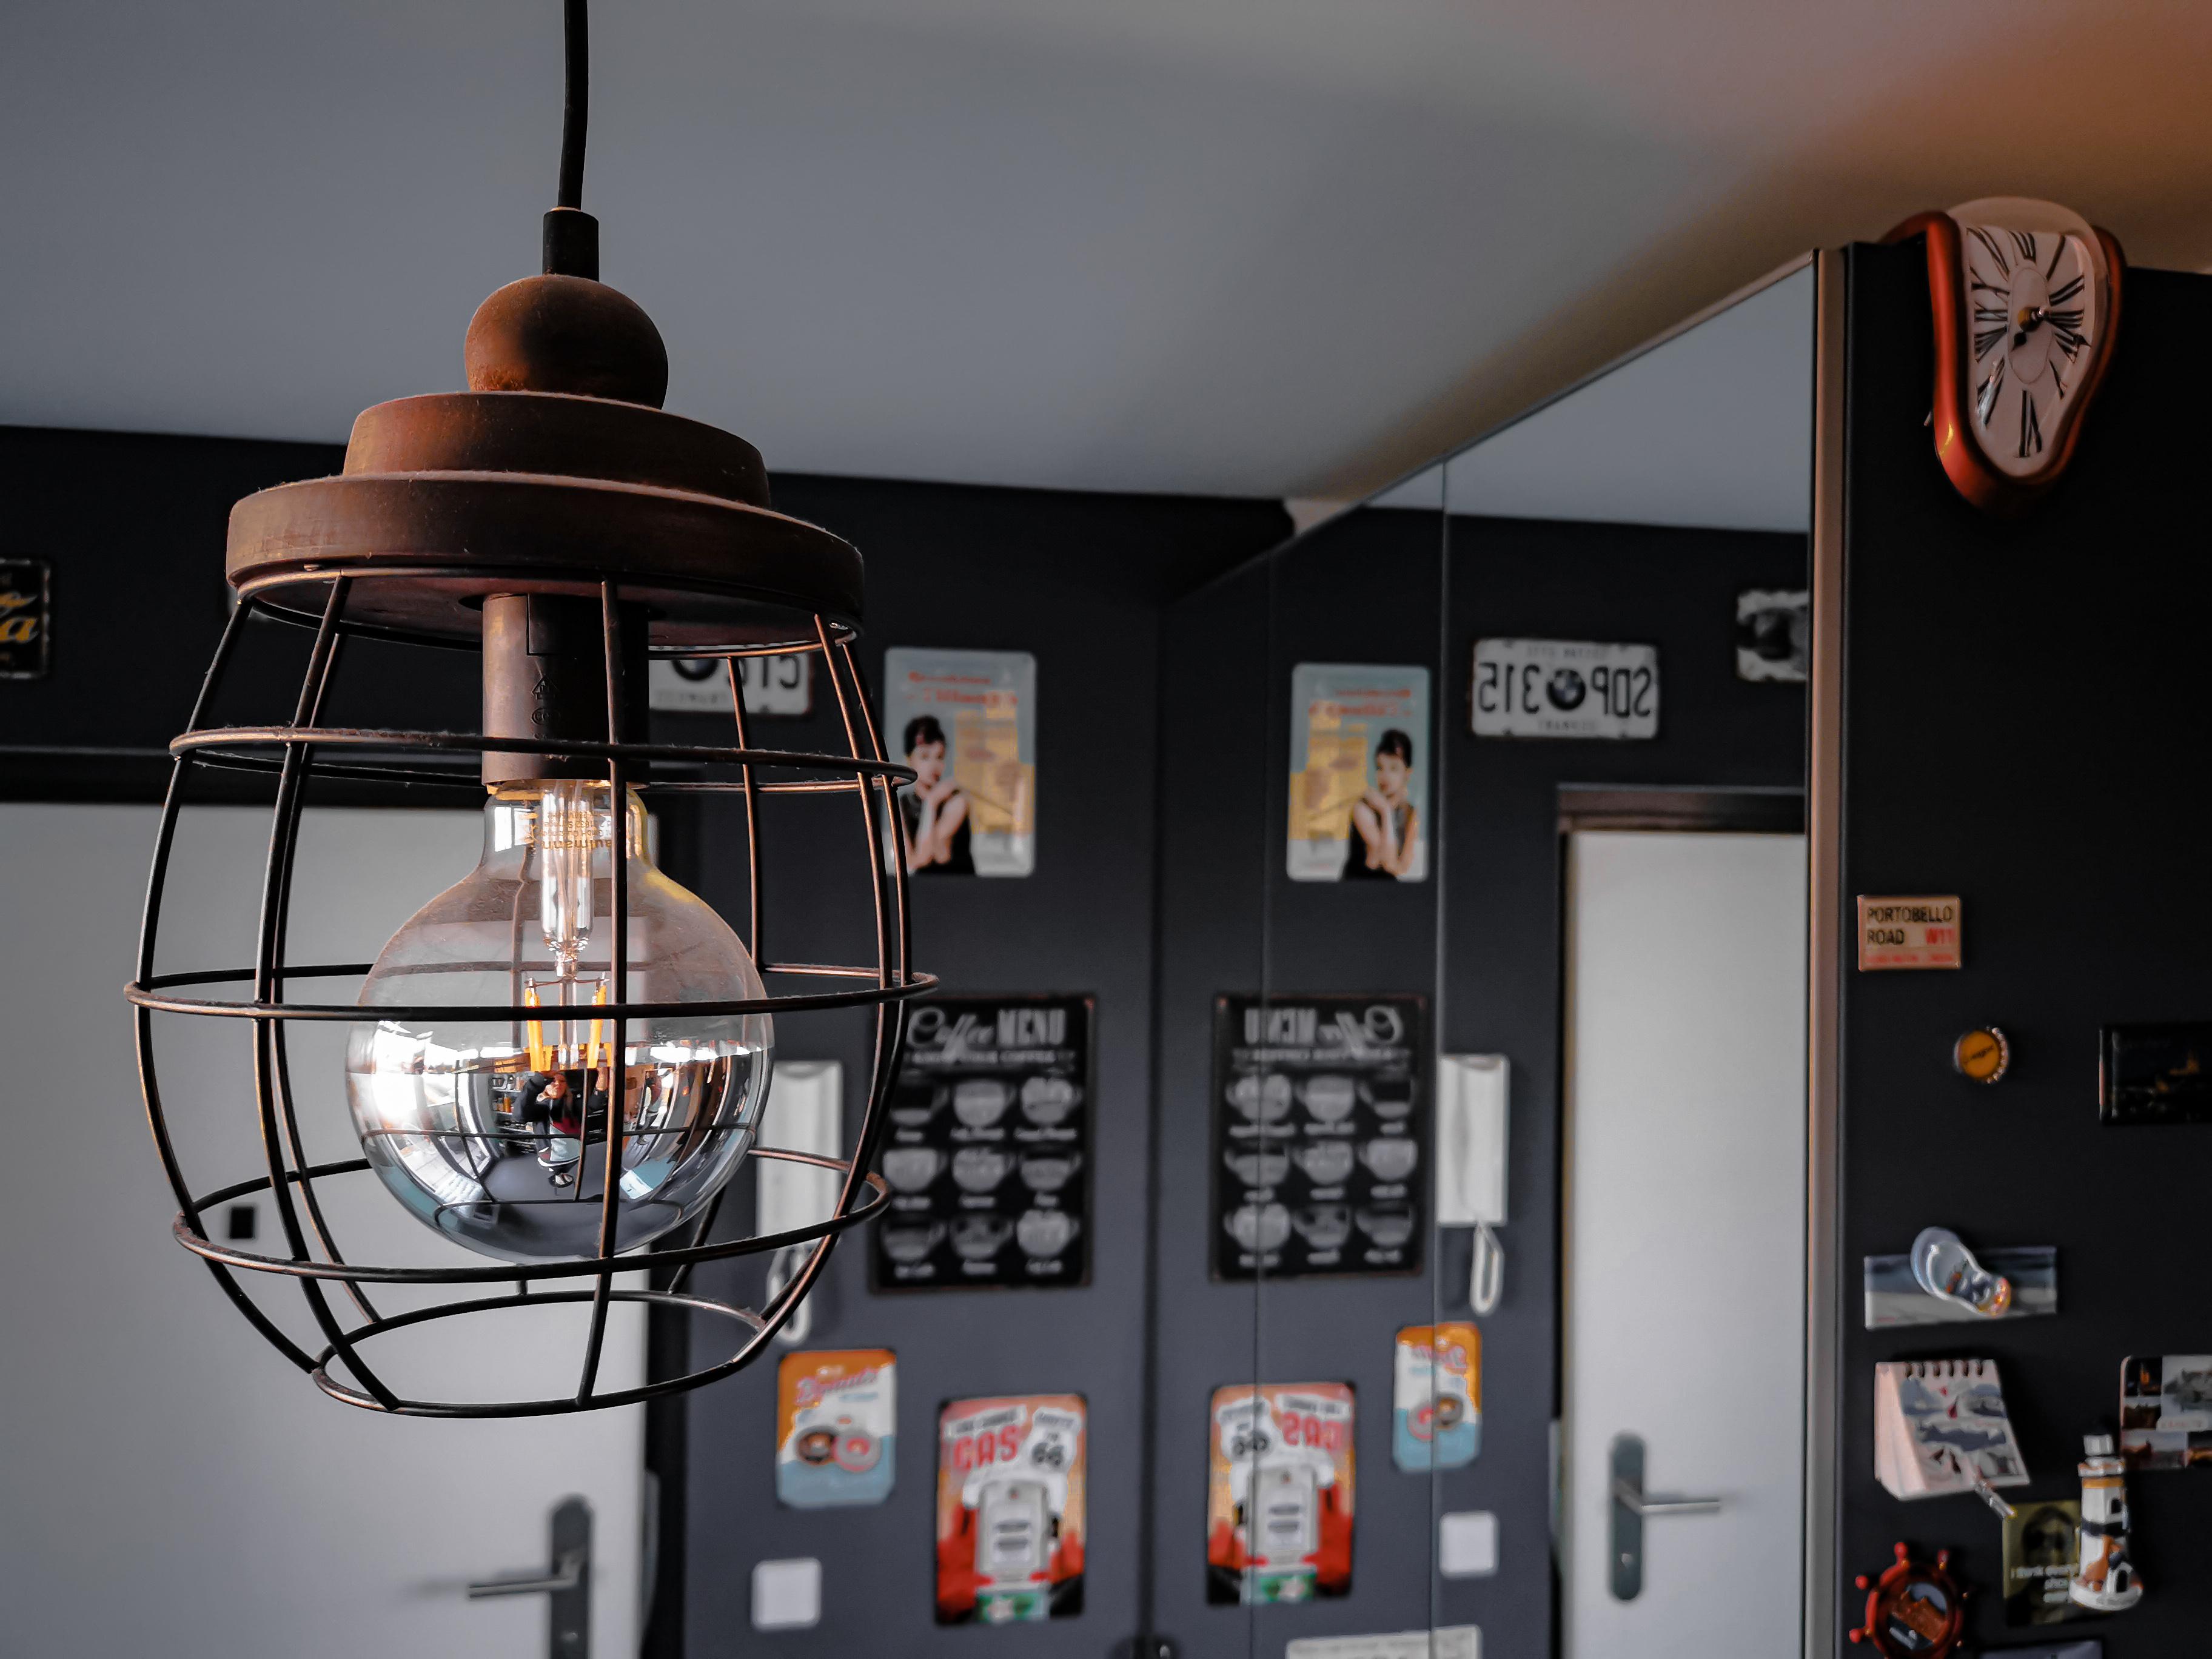 IMG 20200208 154813 - Projekt Vorzimmer: 11 DIY-Ideen an einem Ort